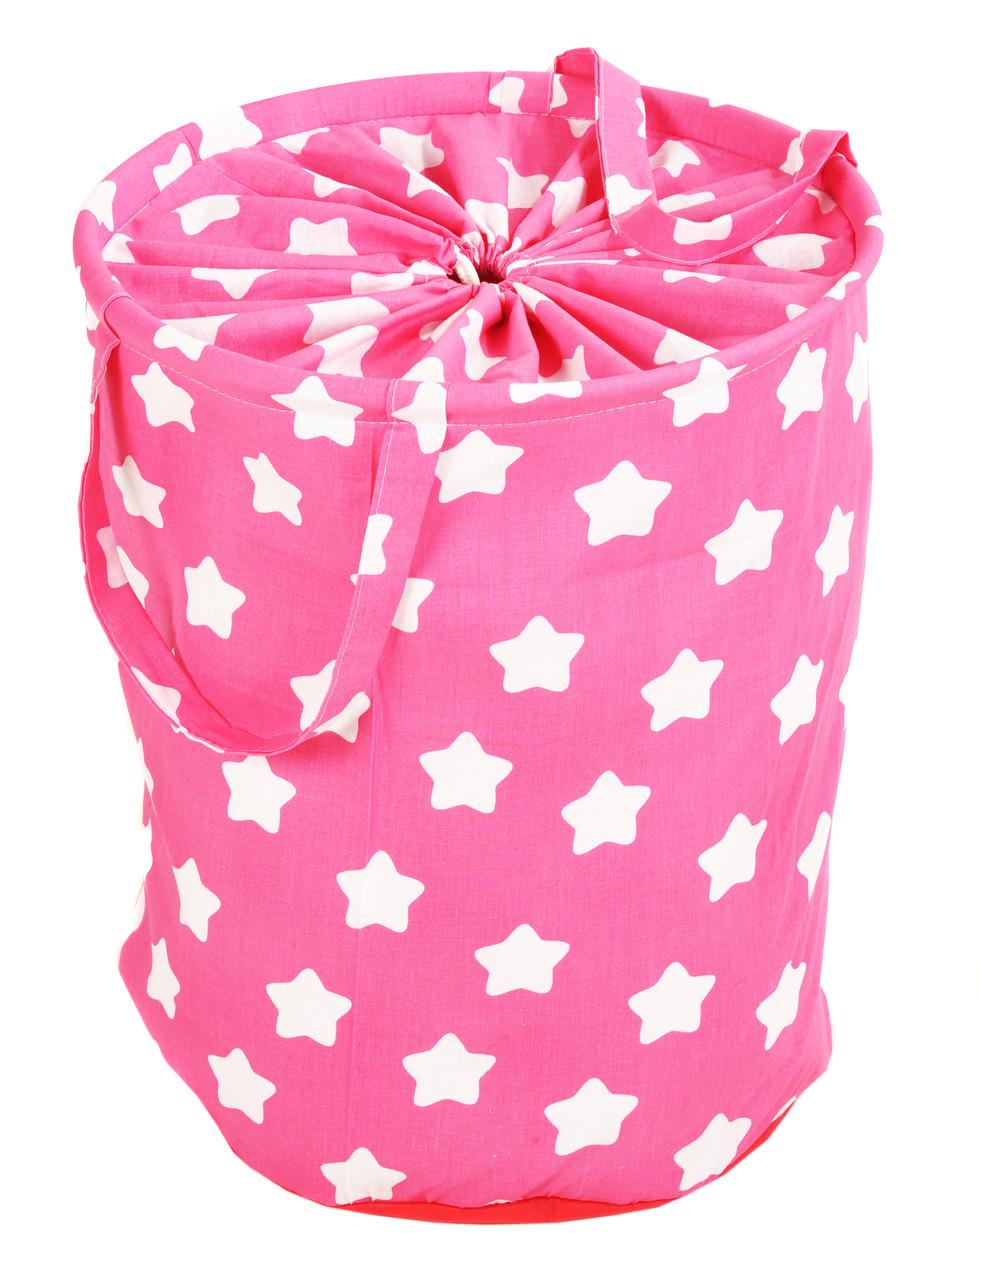 Мішок для зберігання іграшок, 40*50 см, (бавовна), Зірки на рожевому